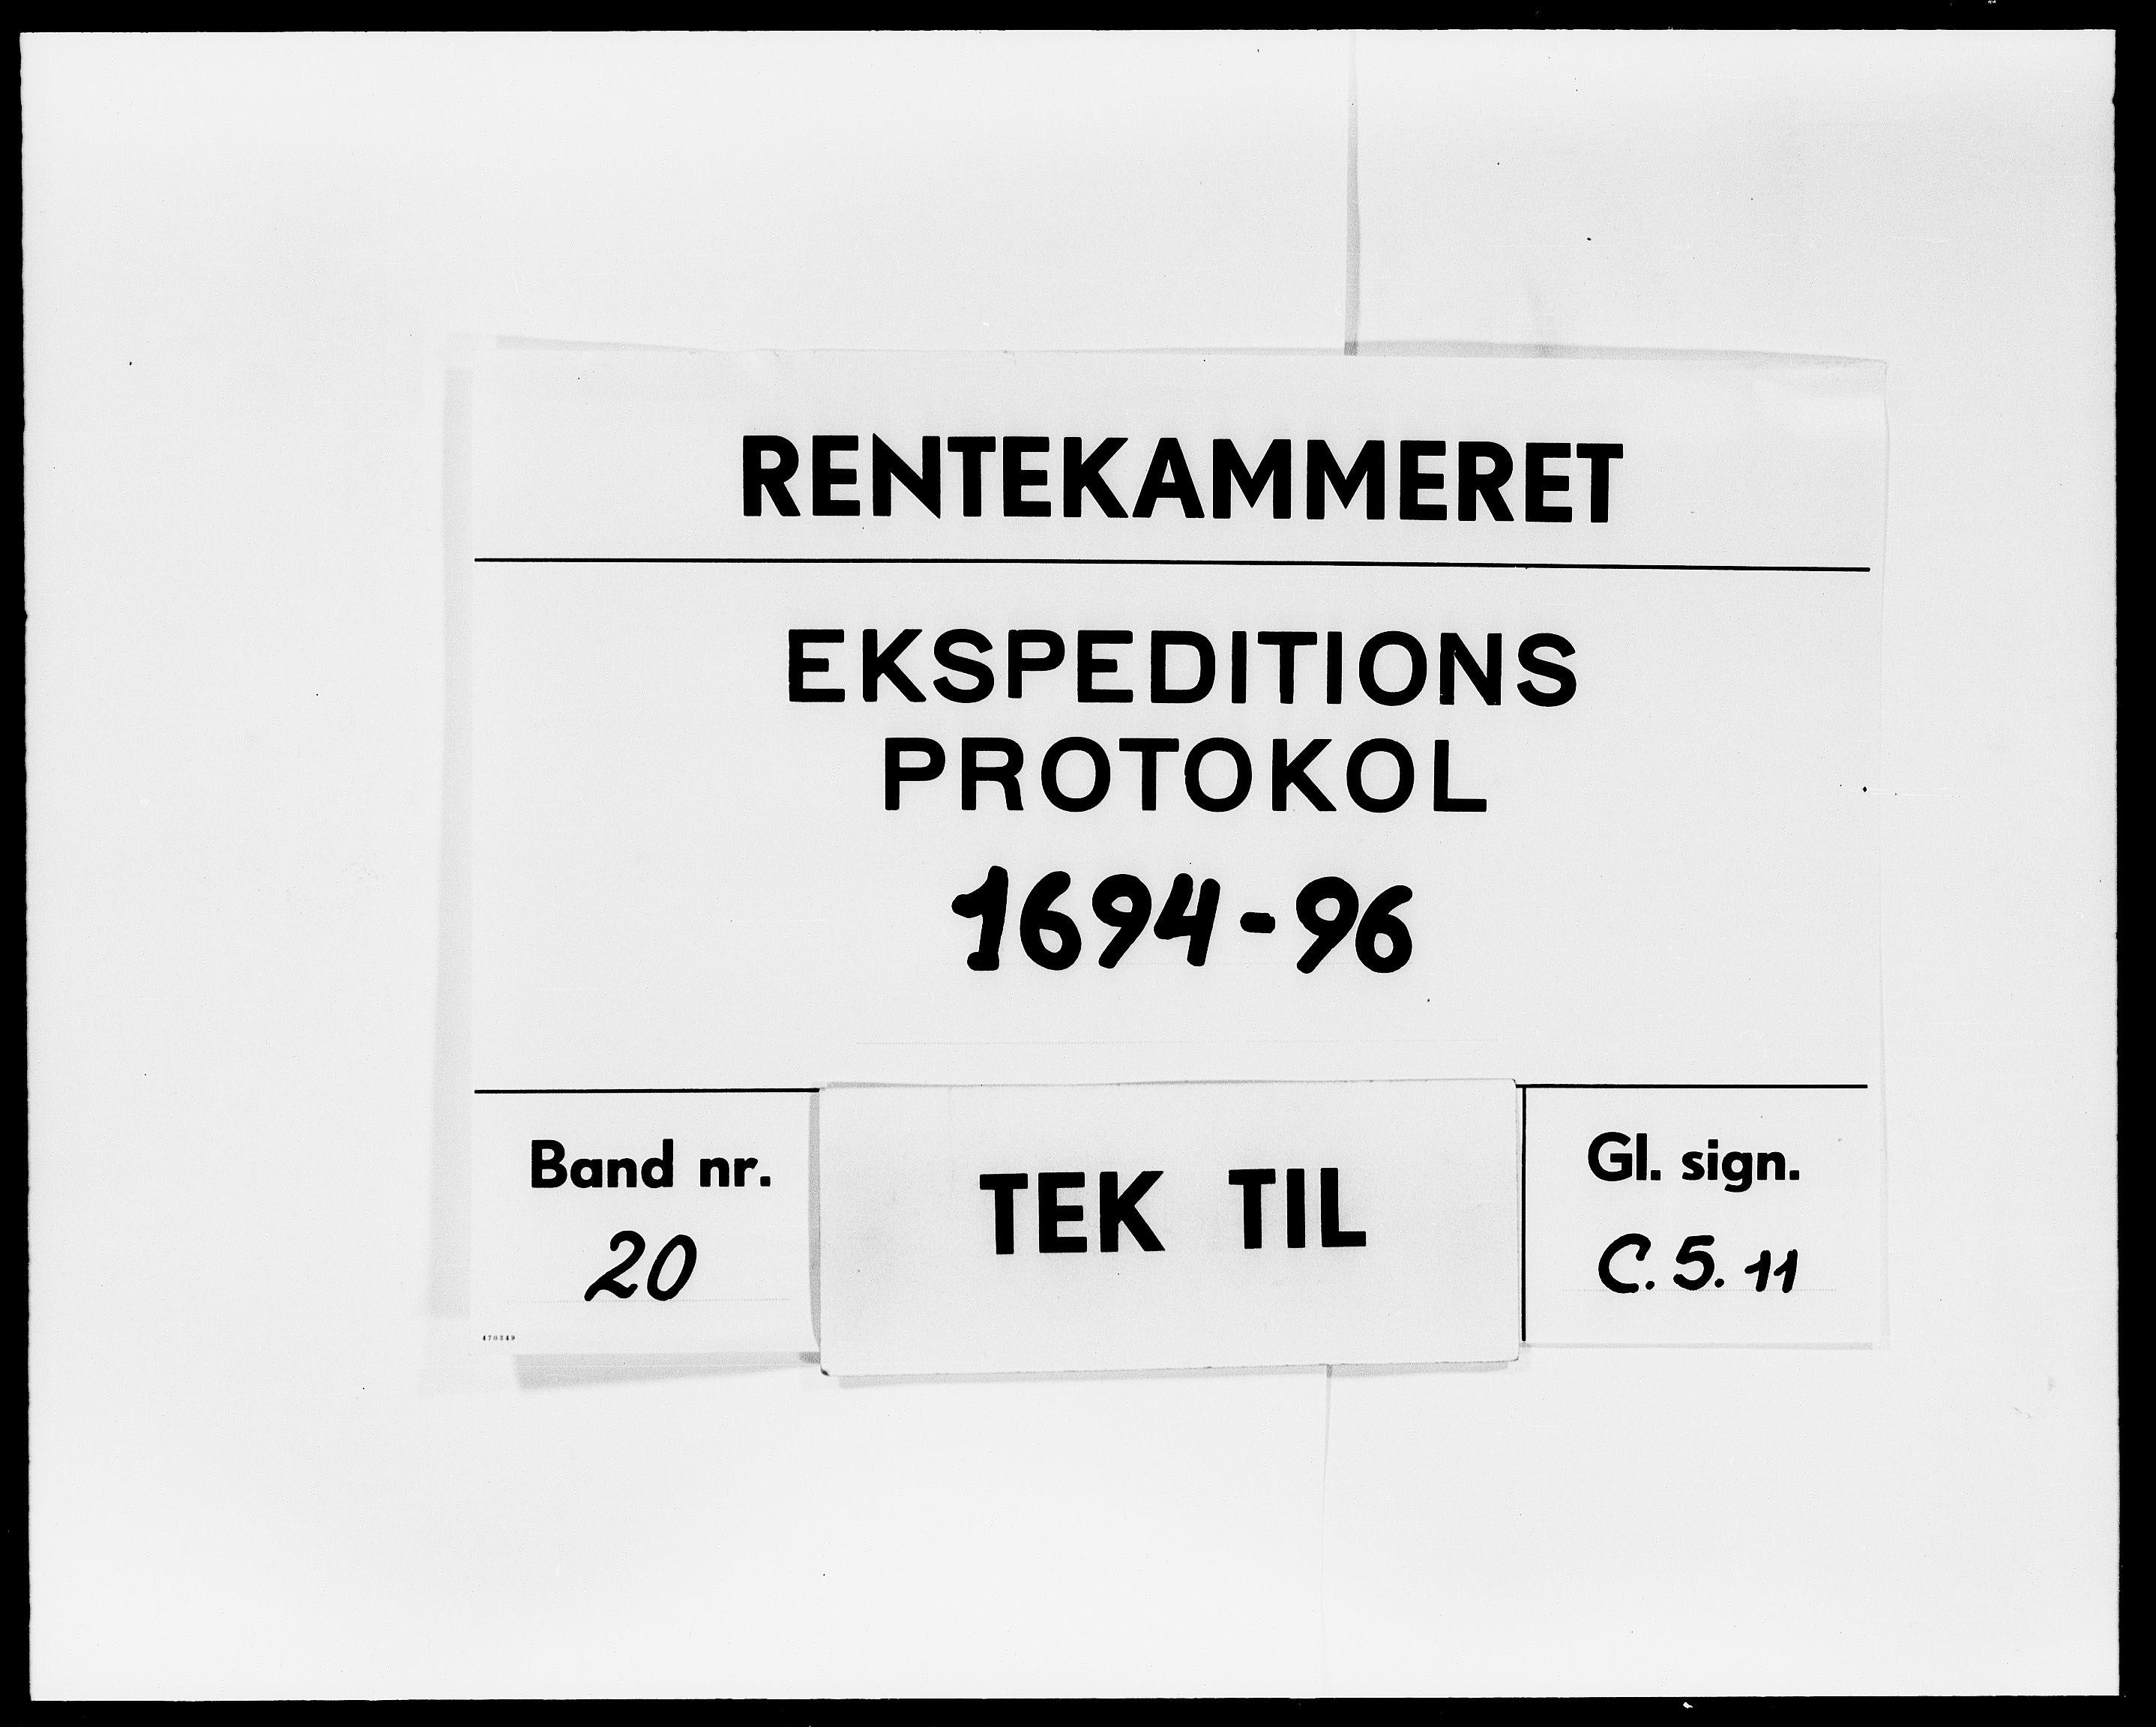 DRA, Rentekammeret Skatkammeret, Danske Sekretariat (1660-1679) / Rentekammeret Danske Afdeling, Kammerkancelliet (1679-1771), -/2212-10: Ekspeditionsprotokol, 1694-1696